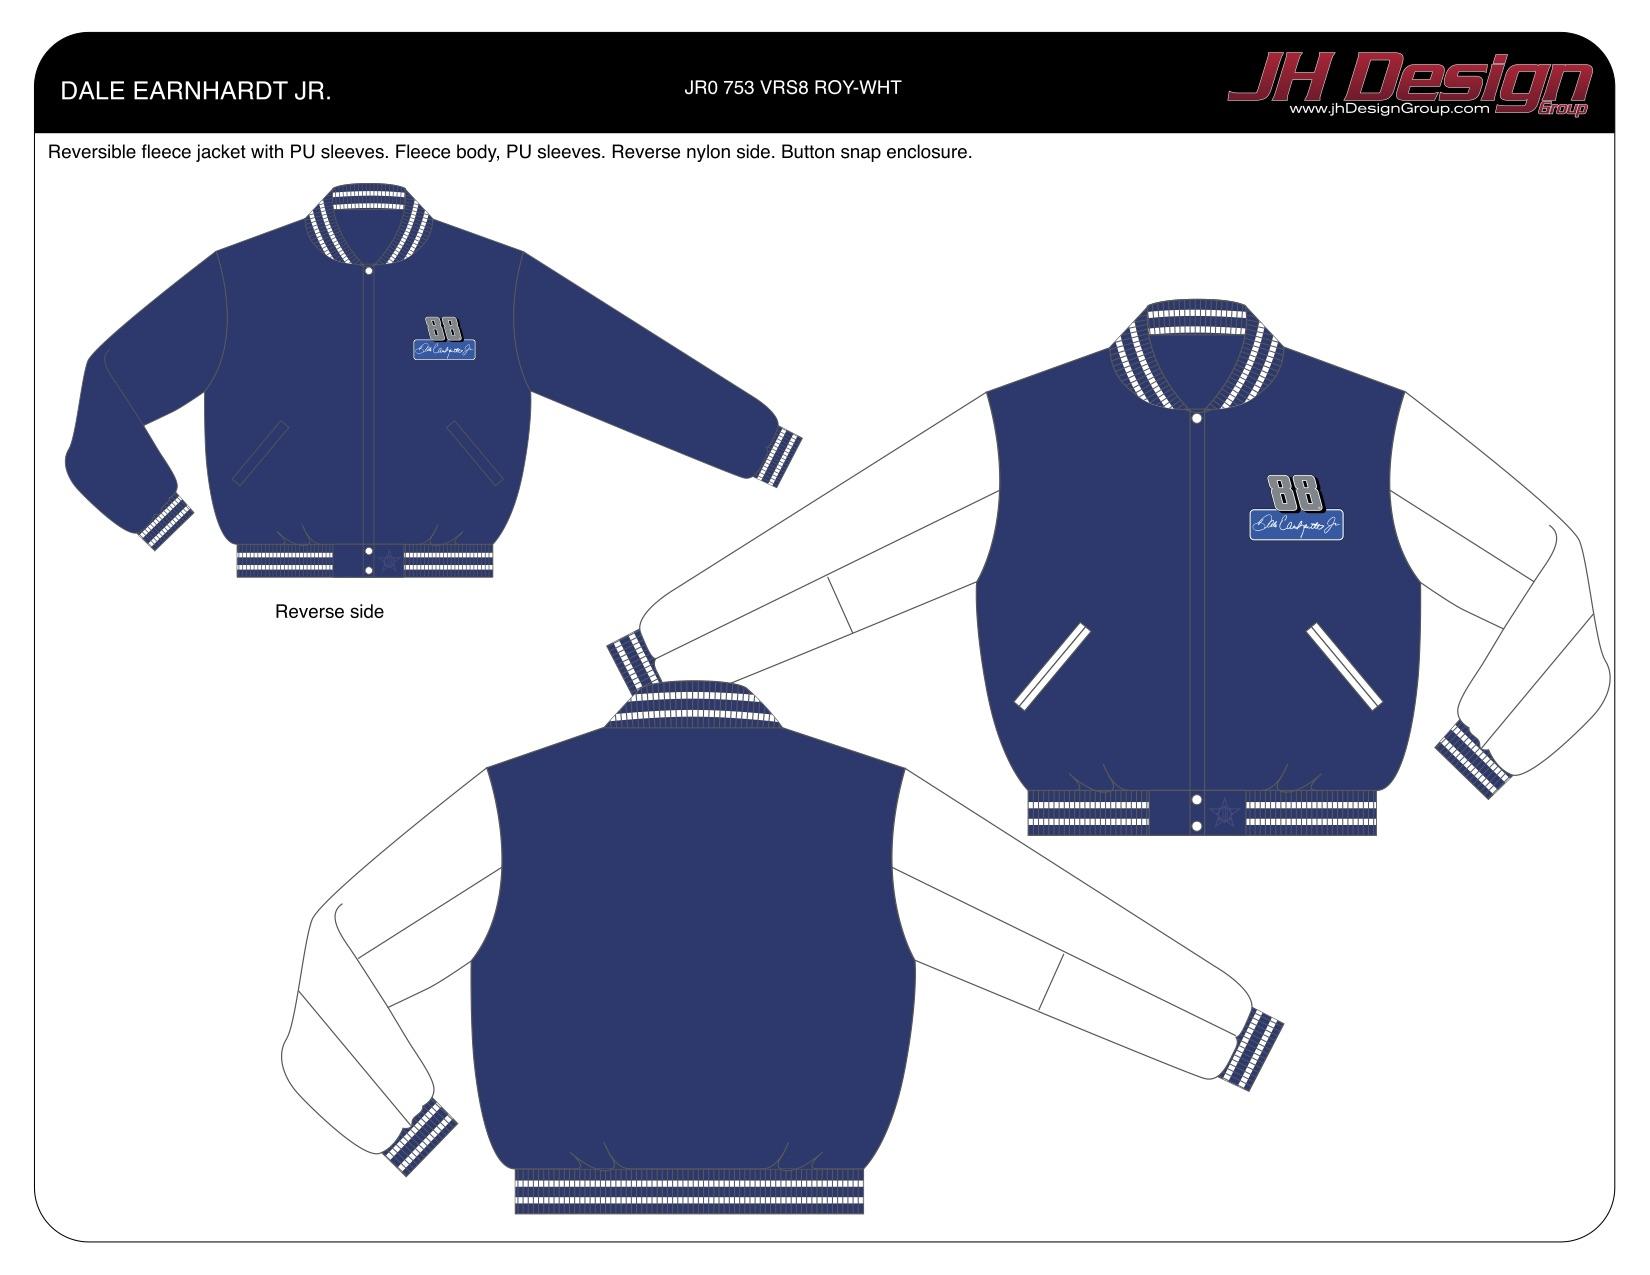 JR0 753 VRS8 ROY-WHT